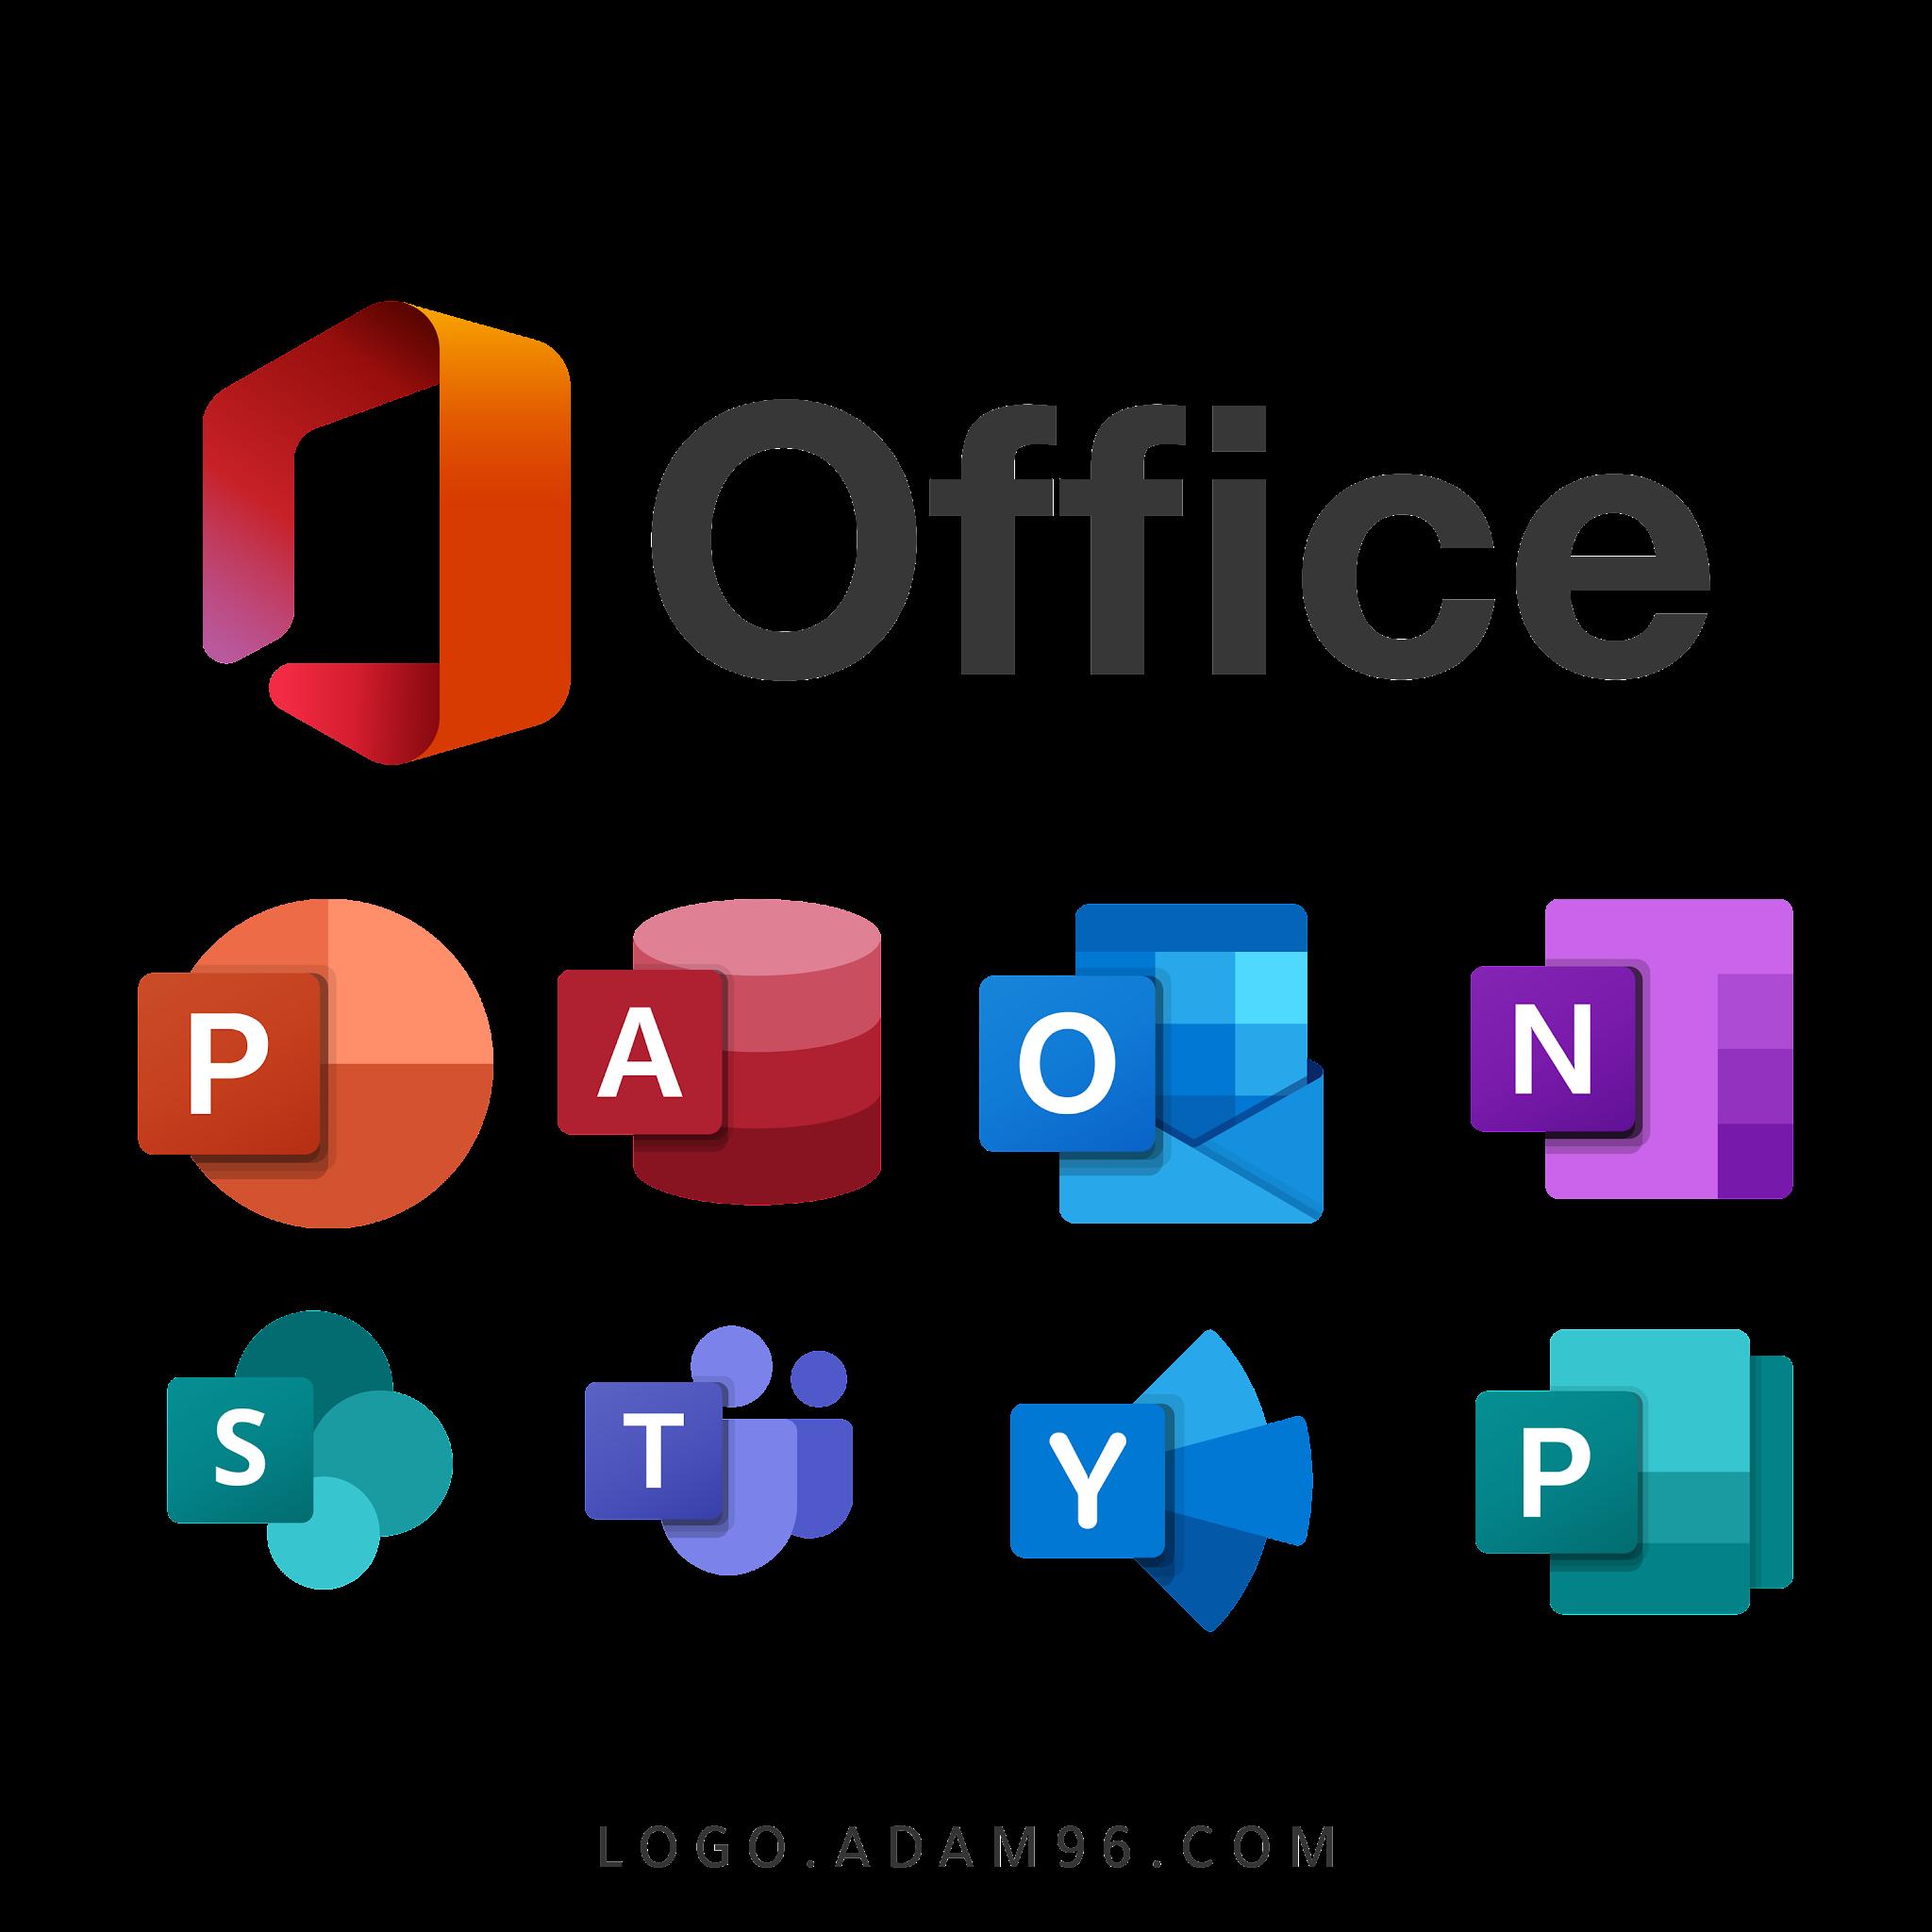 تحميل جميع شعارات مايكروسوفت شفافة Logo Microsoft PNG